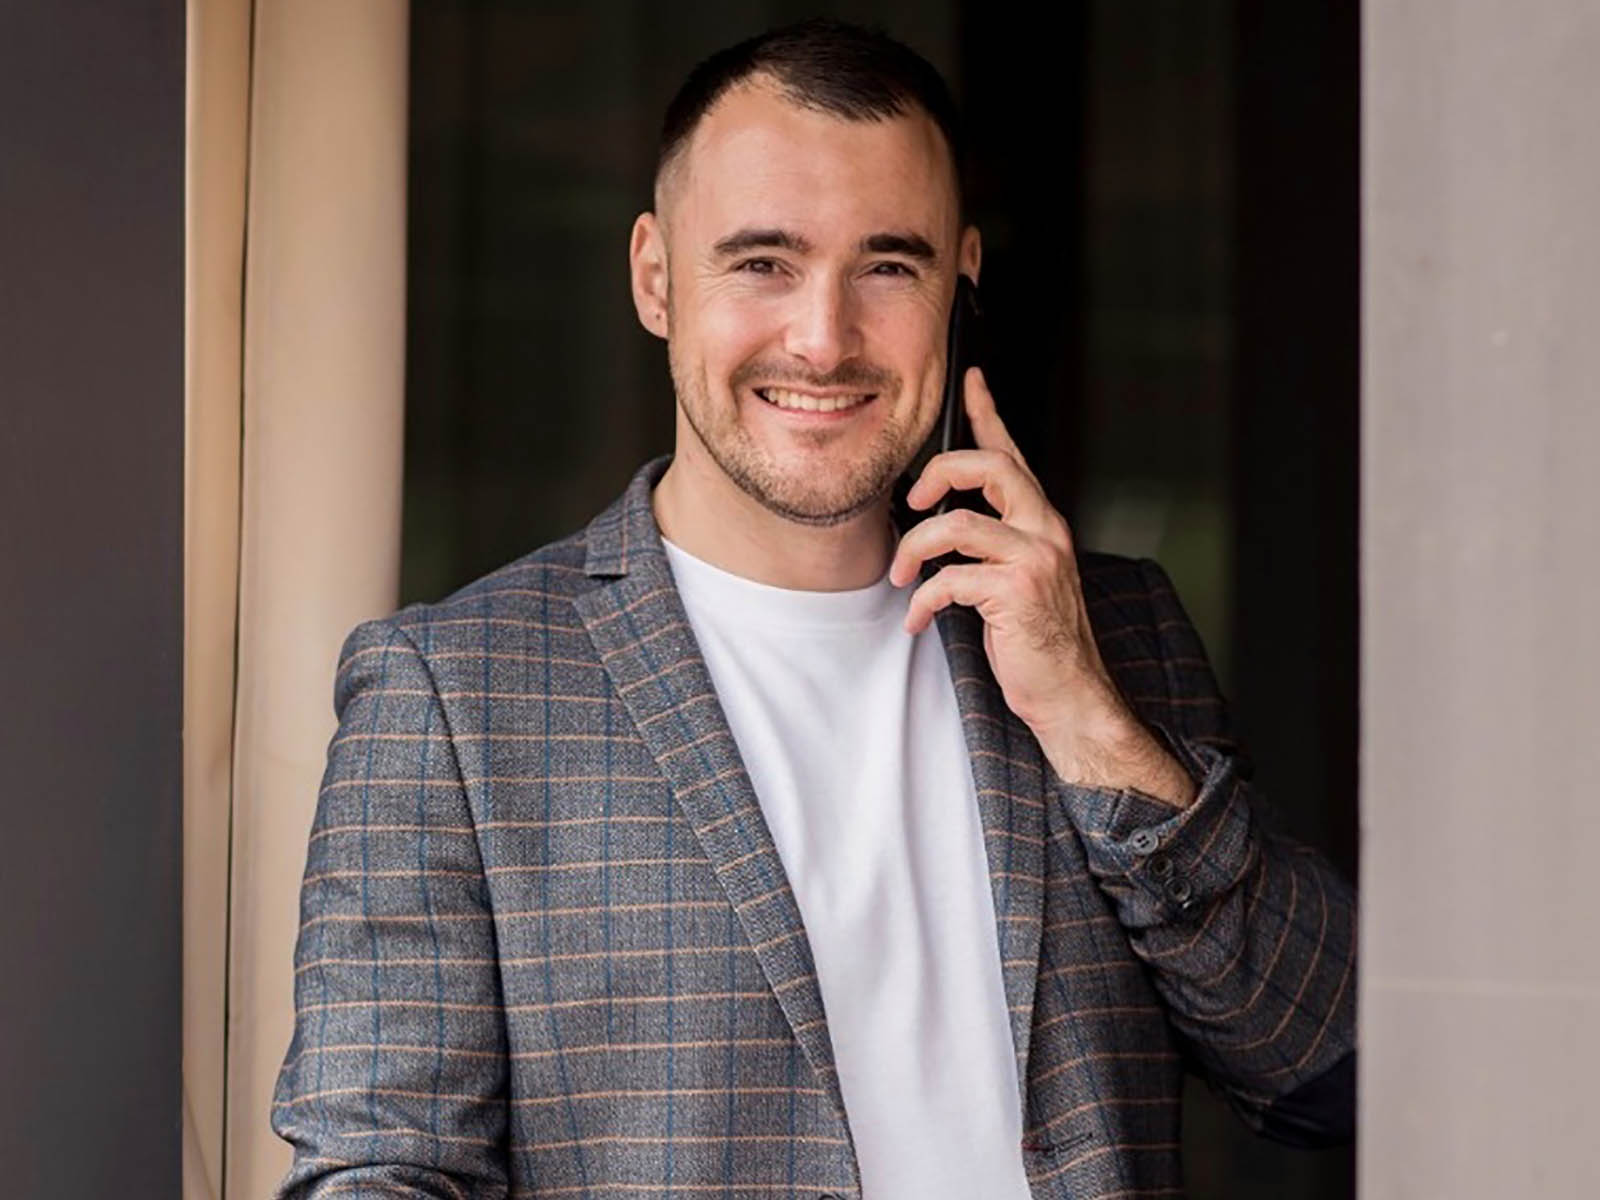 Алексей Поздняков - эксперт в области увеличения продаж с помощью комплексного интернет-маркетинга